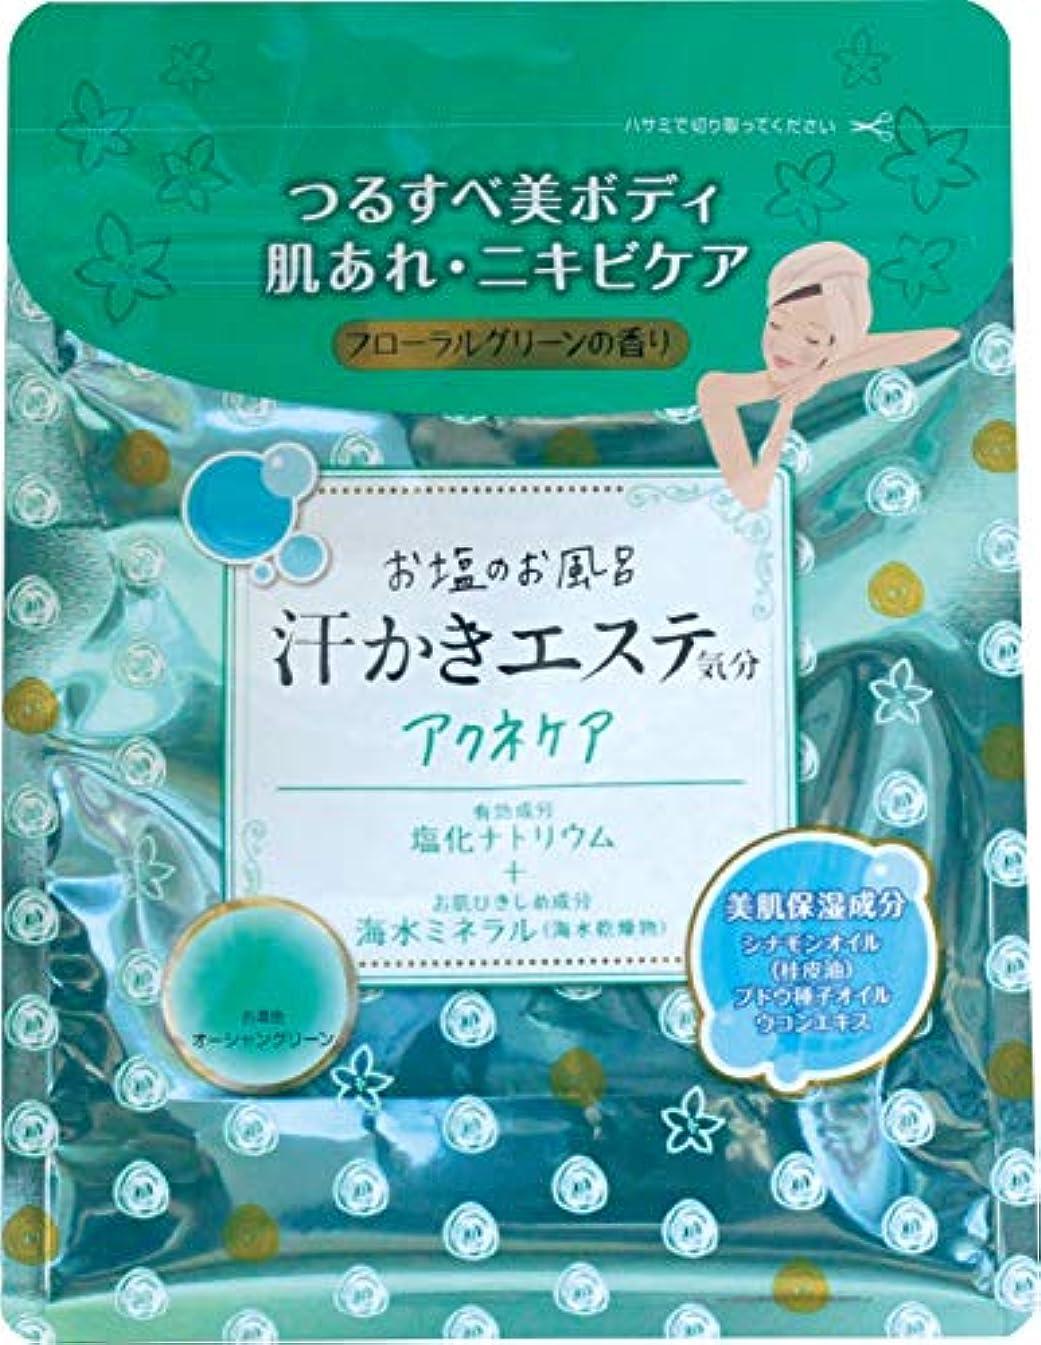 レンディションアセ花マックス 汗かきエステ気分 アクネケア 入浴剤 500g